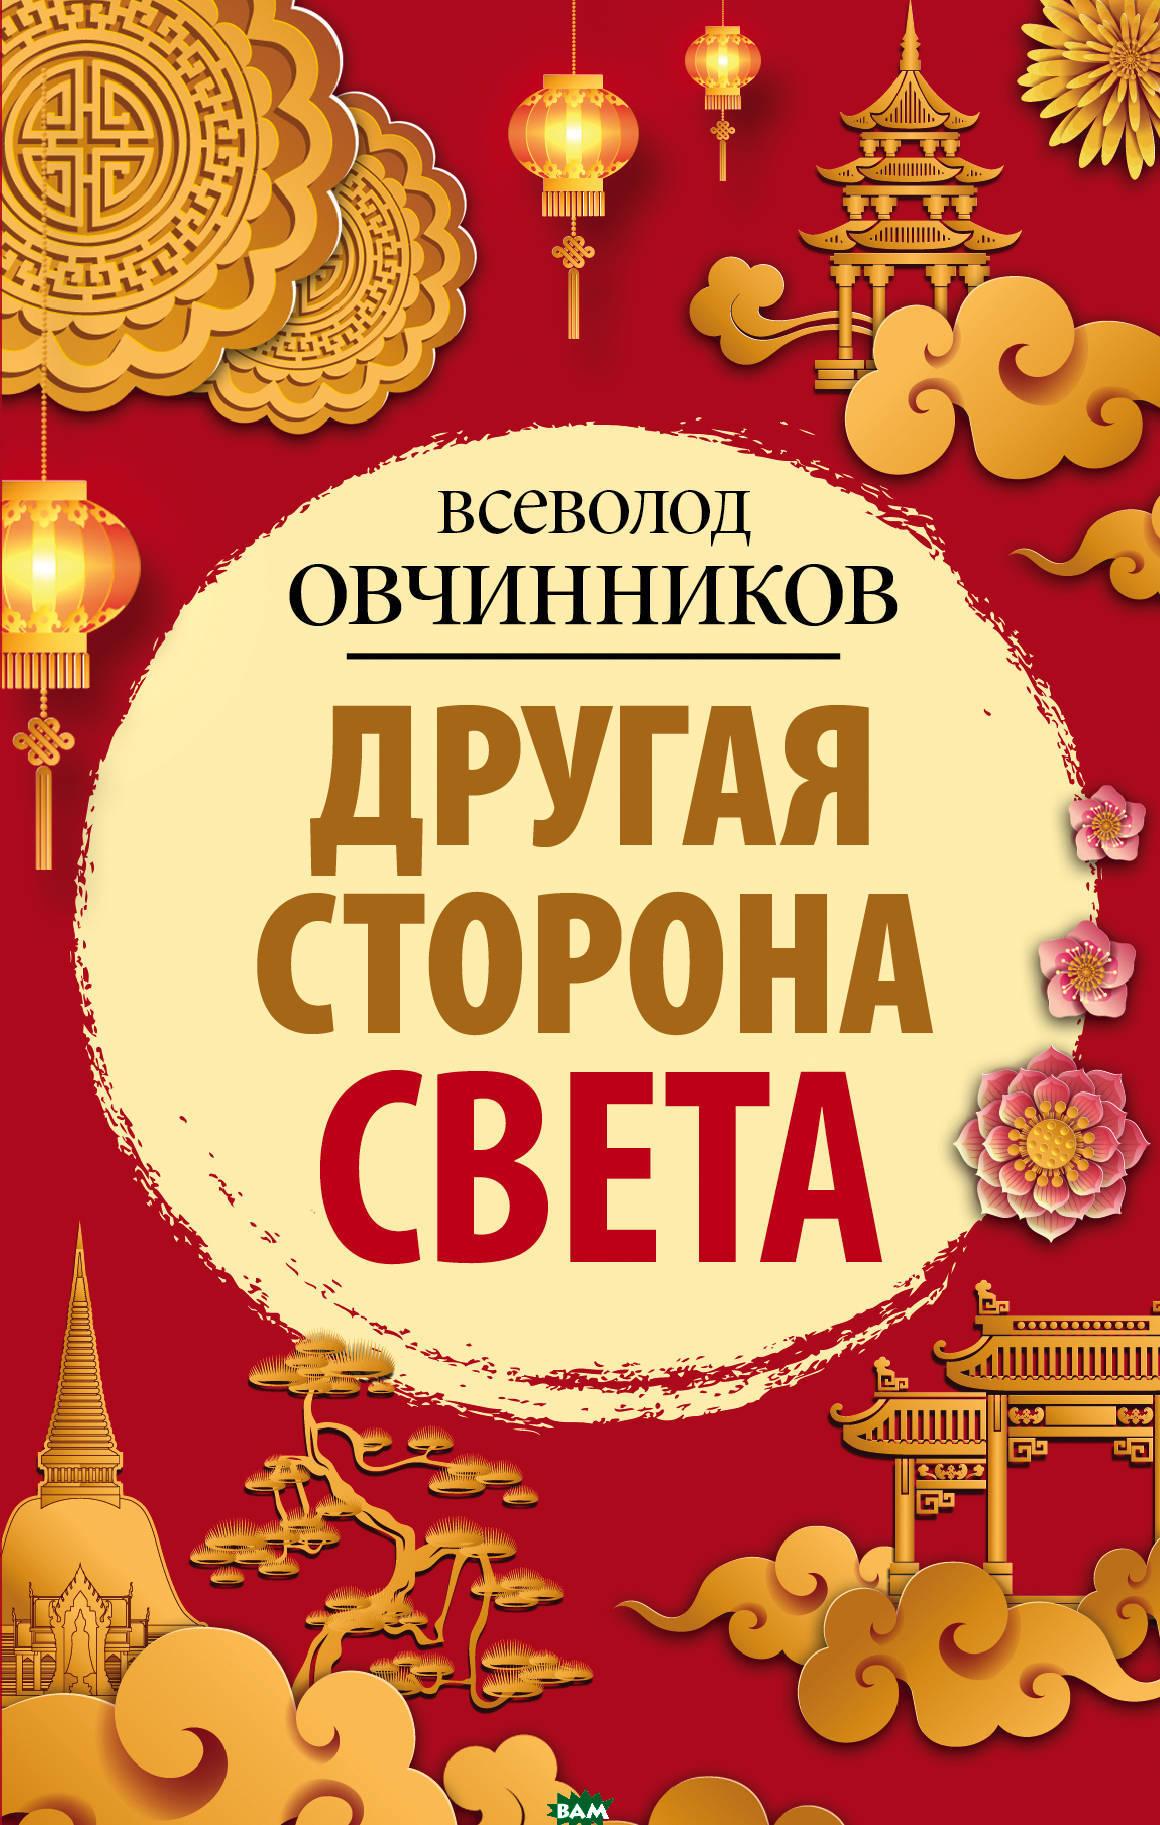 Купить Другая сторона света, ИЗДАТЕЛЬСТВО`АСТ`, Всеволод Овчинников, 978-5-17-114605-4